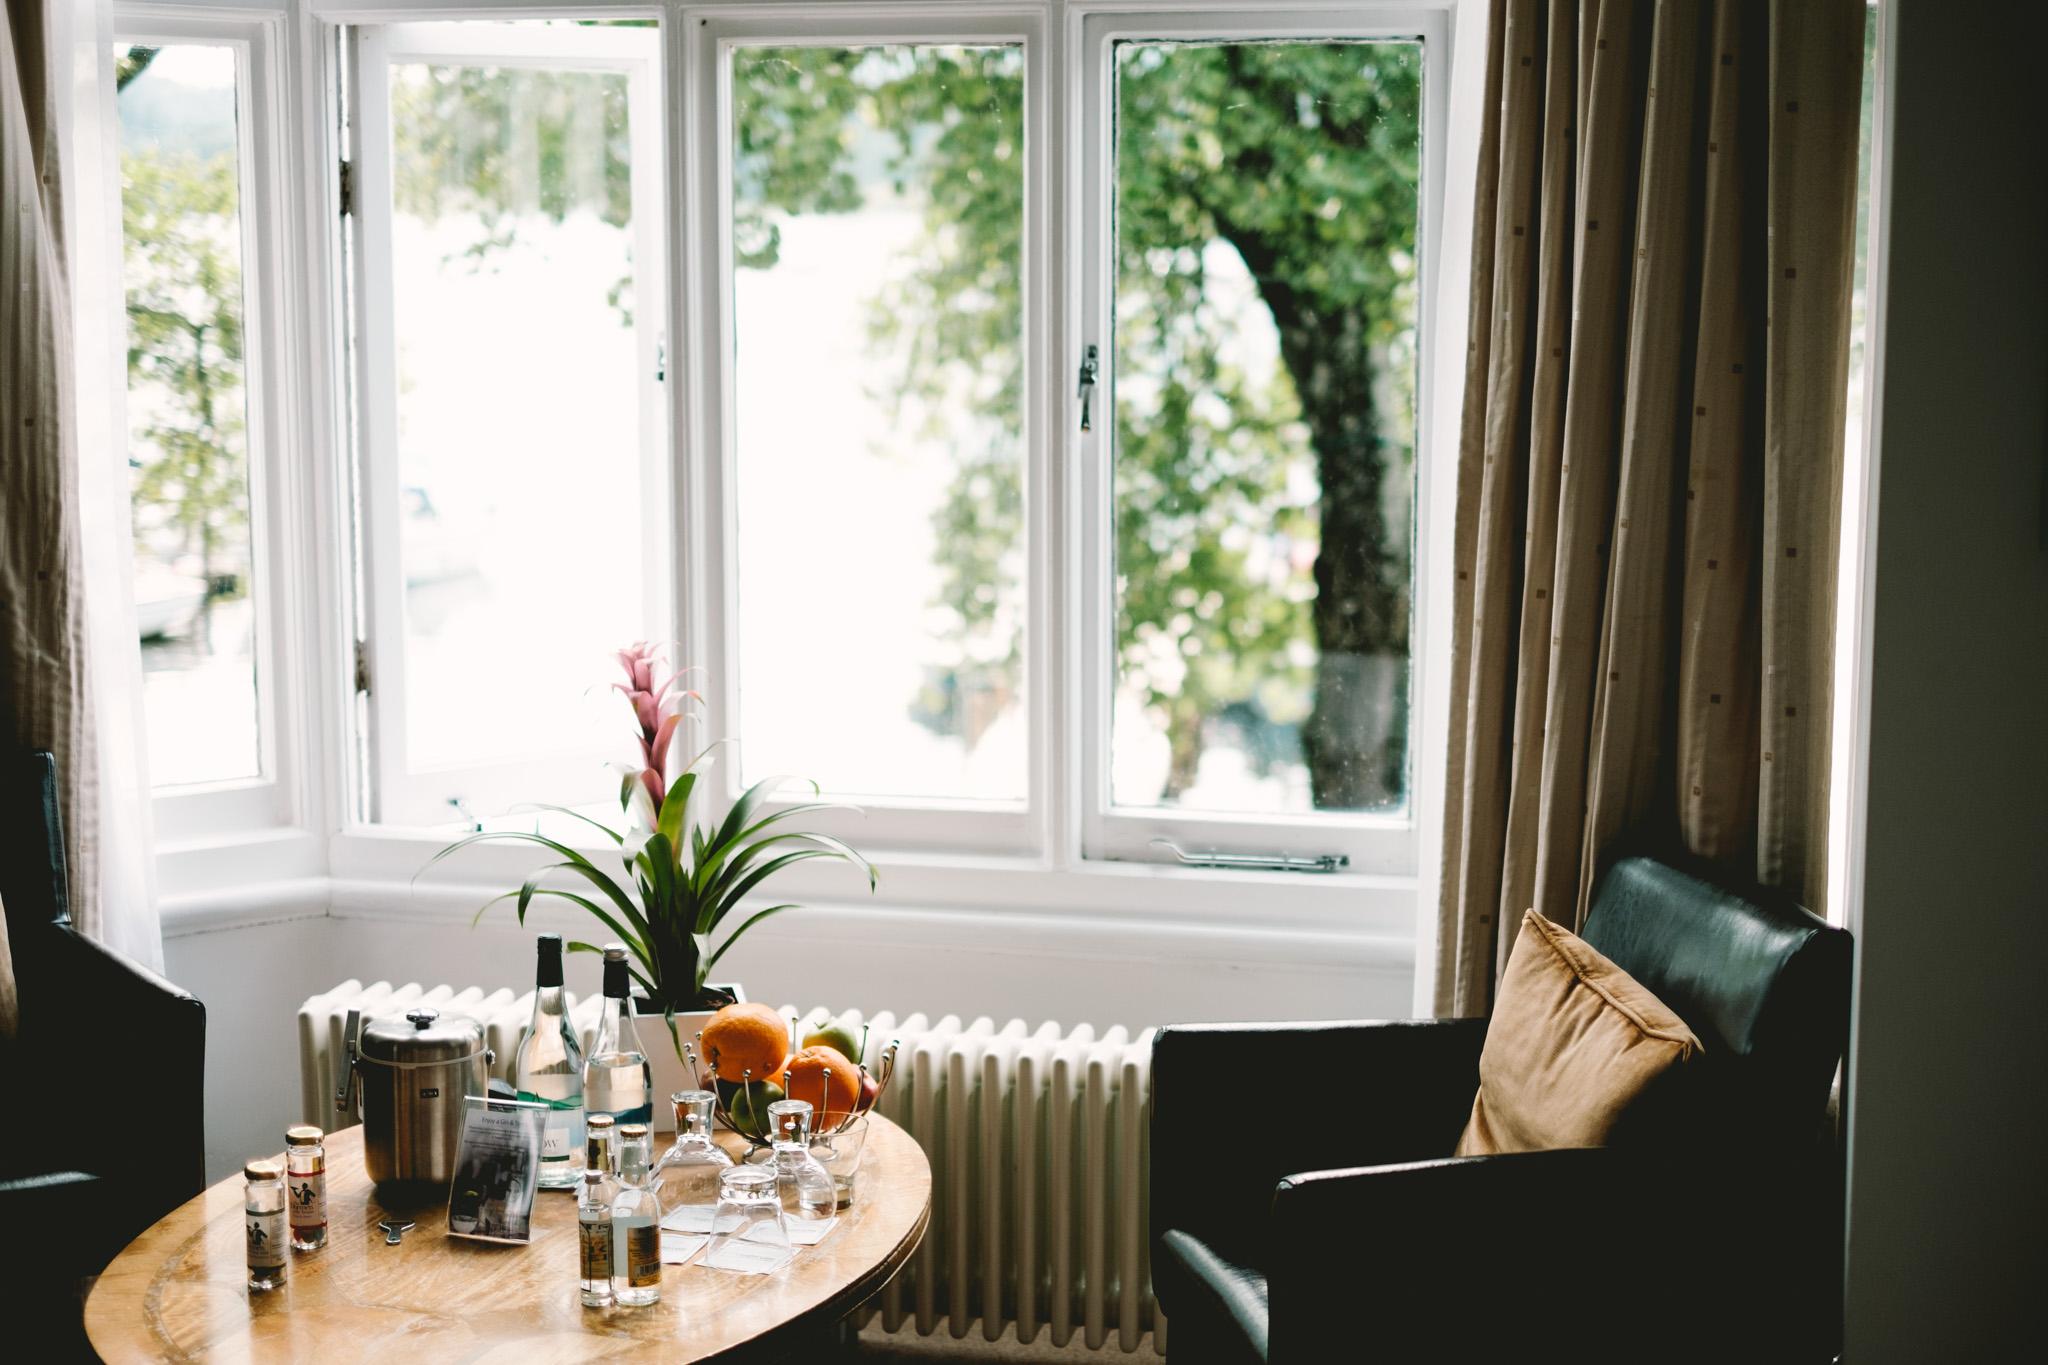 Waterhead-Hotel-Ambleside-160823-163326.jpg